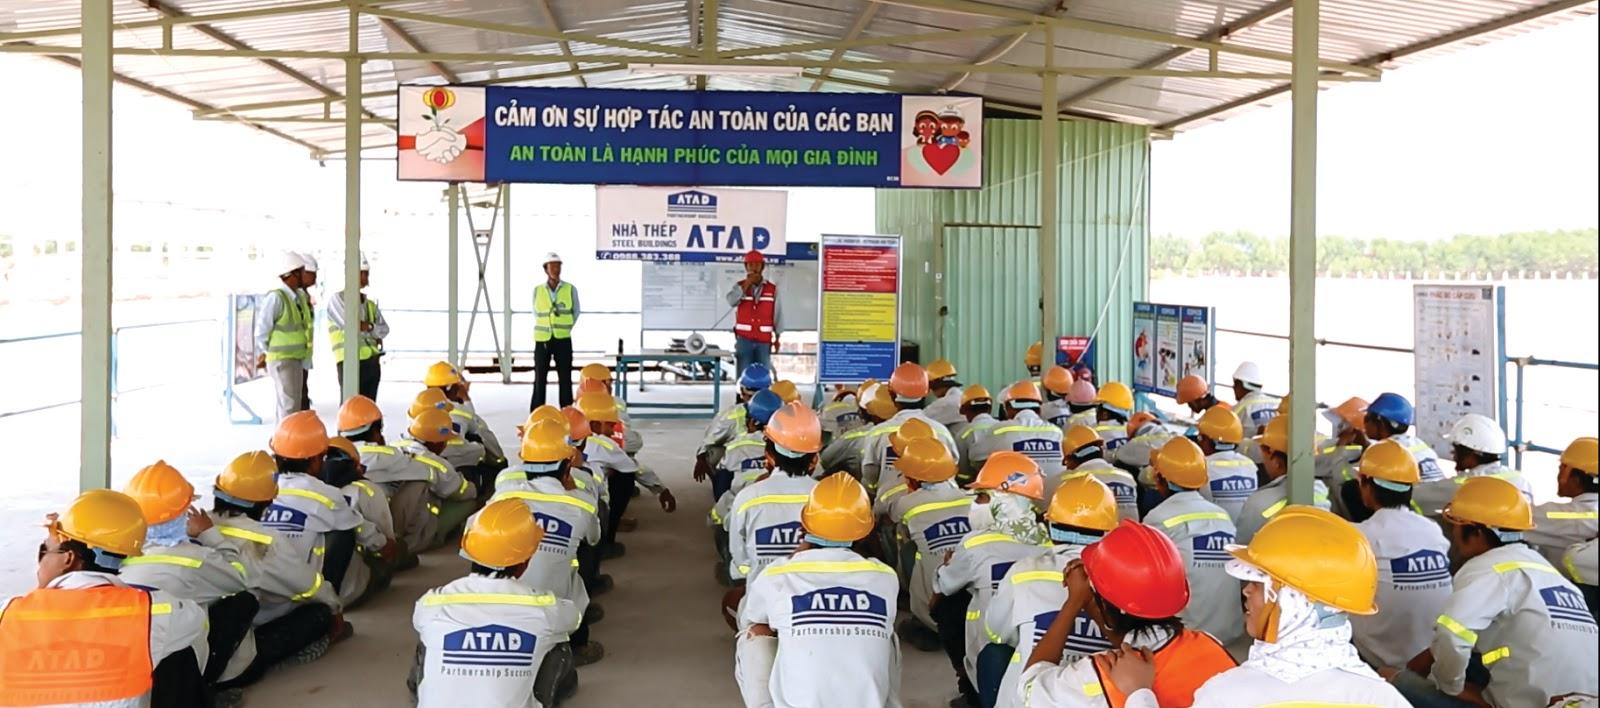 Huấn luyện an toàn lao động - nâng cao nhận thức an toàn cho người lao động